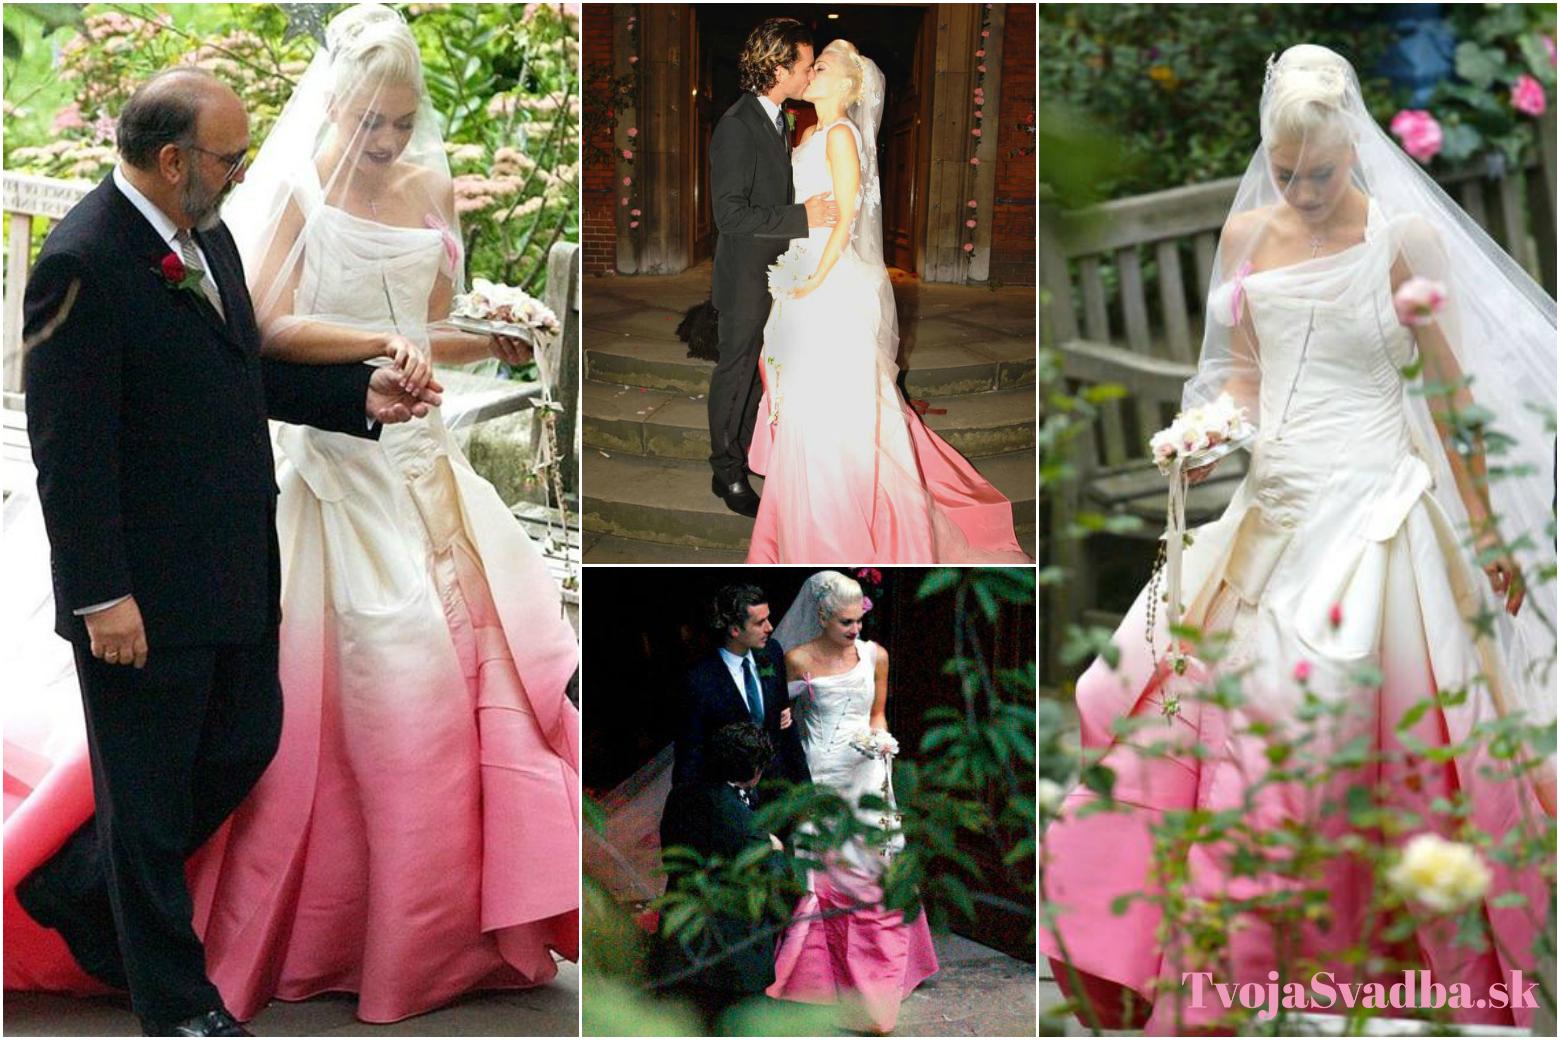 b3ca1851b83c Farebné svadobné šaty celebrít  Pretože svadba nemusí byť len biela ...